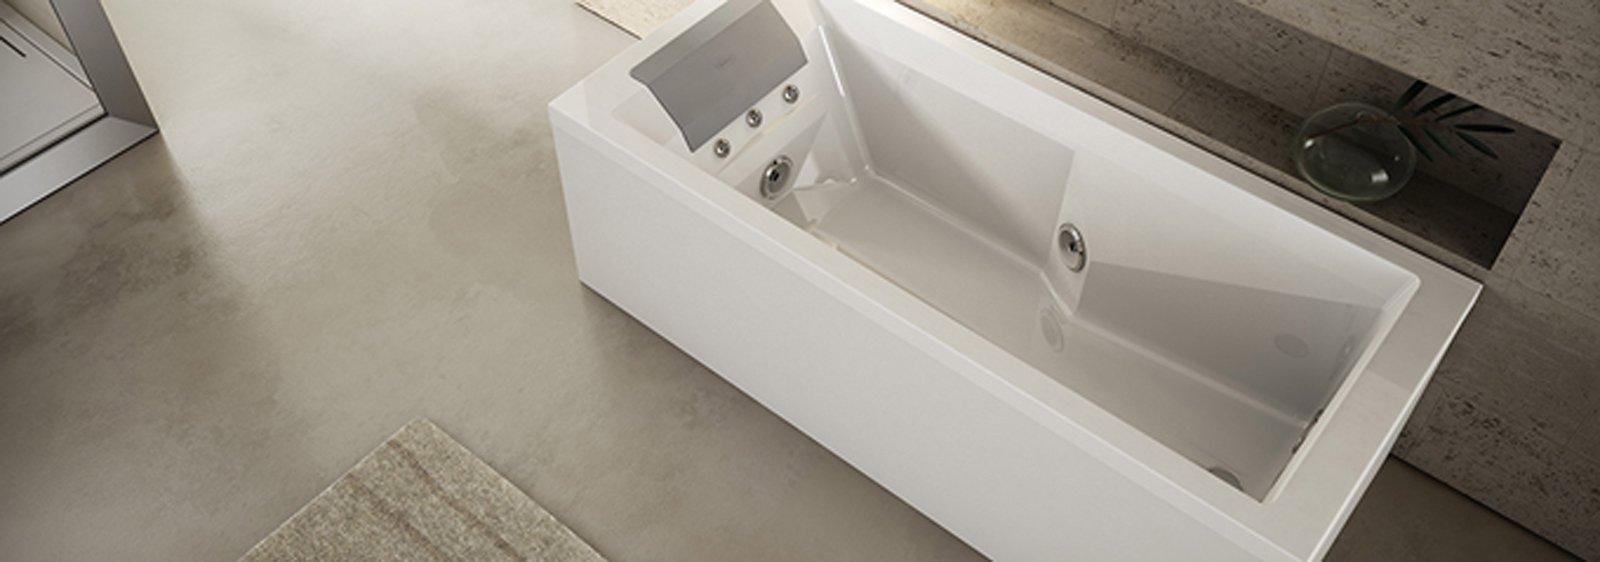 Vasca idromassaggio cosa serve per installarla cose di - Vasca bagno jacuzzi ...